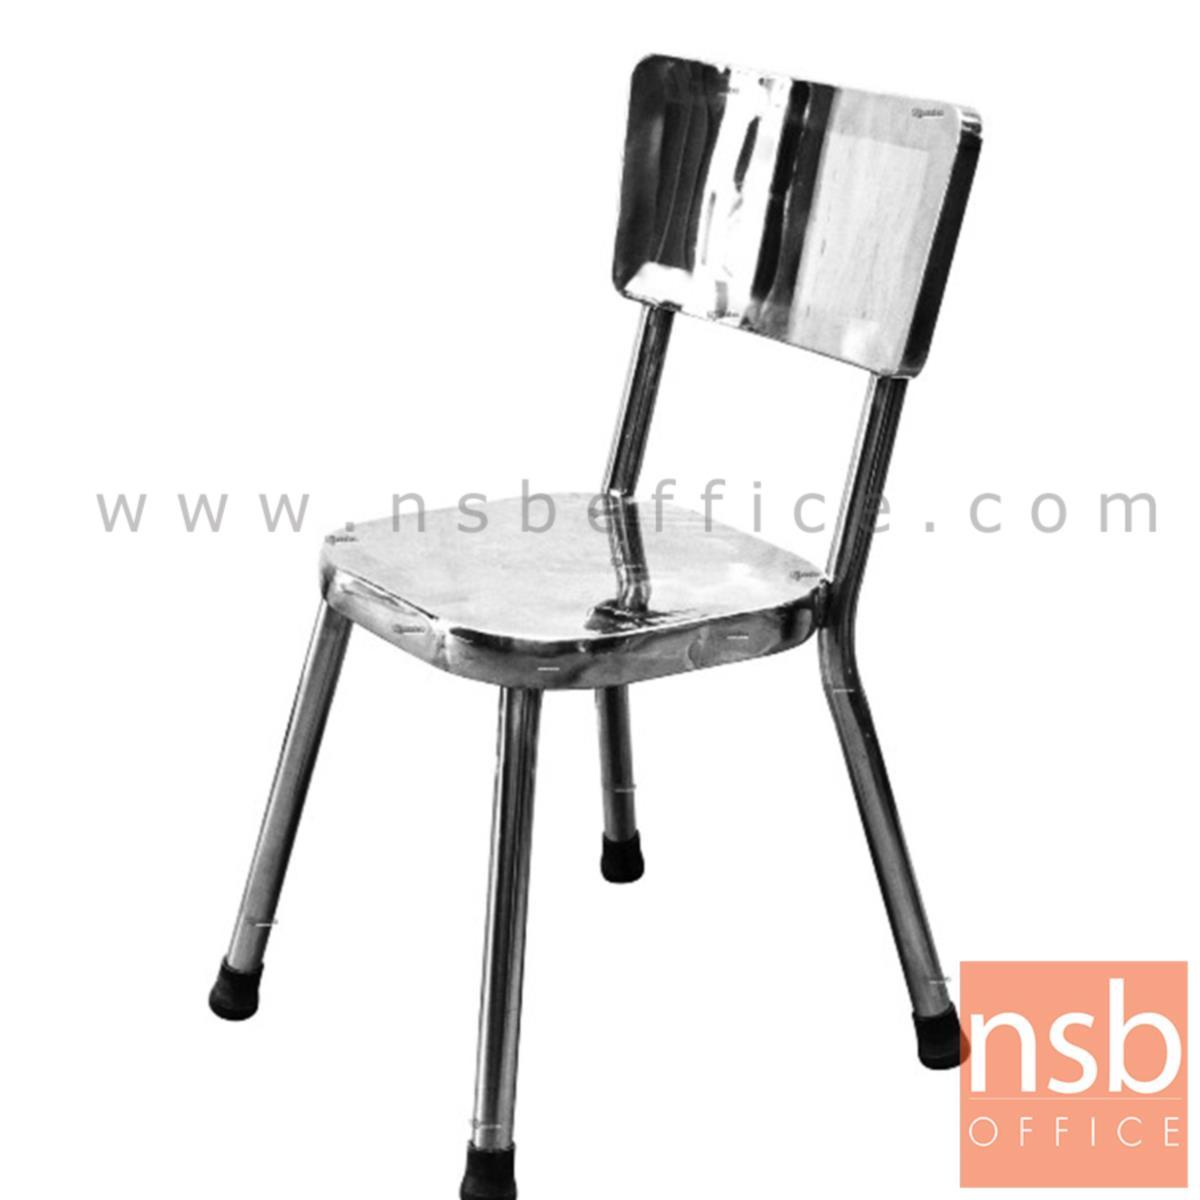 G12A190:เก้าอี้สเตนเลส มีพนักพิง รุ่น Strife (สไตรฟ์)